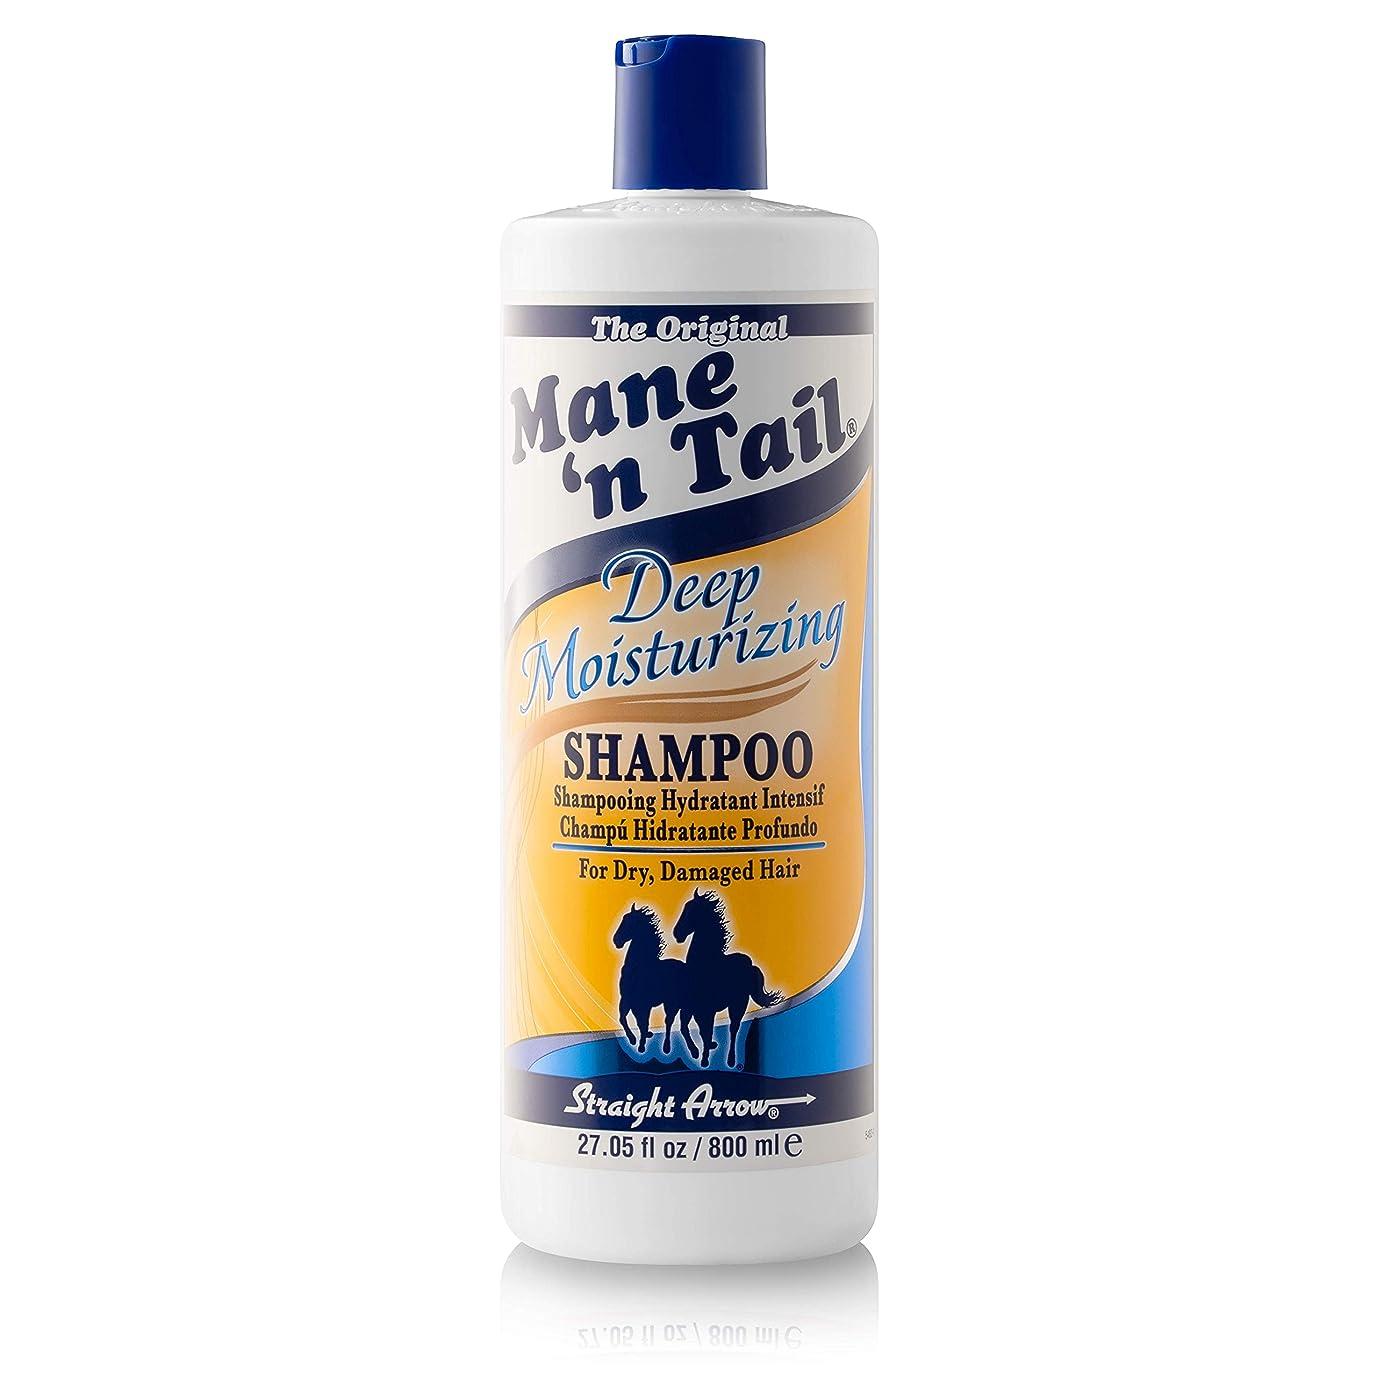 厳密に爵ノベルティメインテイル Mane 'n Tail Deep Moisturizing Shampoo 27.05 oz 800ml 並行輸入品